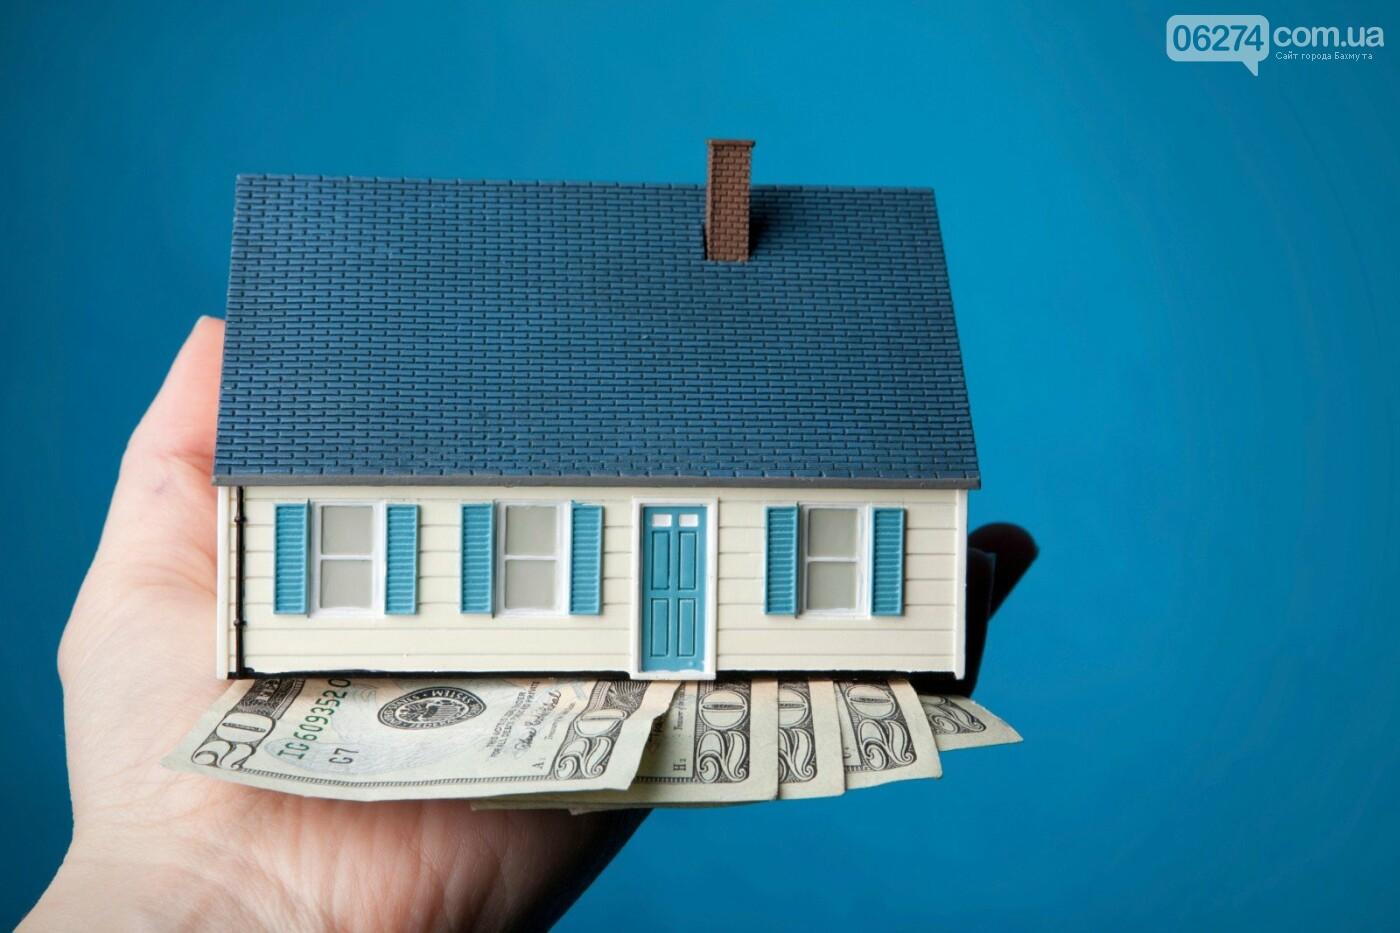 Кредит под залог авто и недвижимости:жители Бахмута  могут получить до миллиона гривен наличными, фото-2